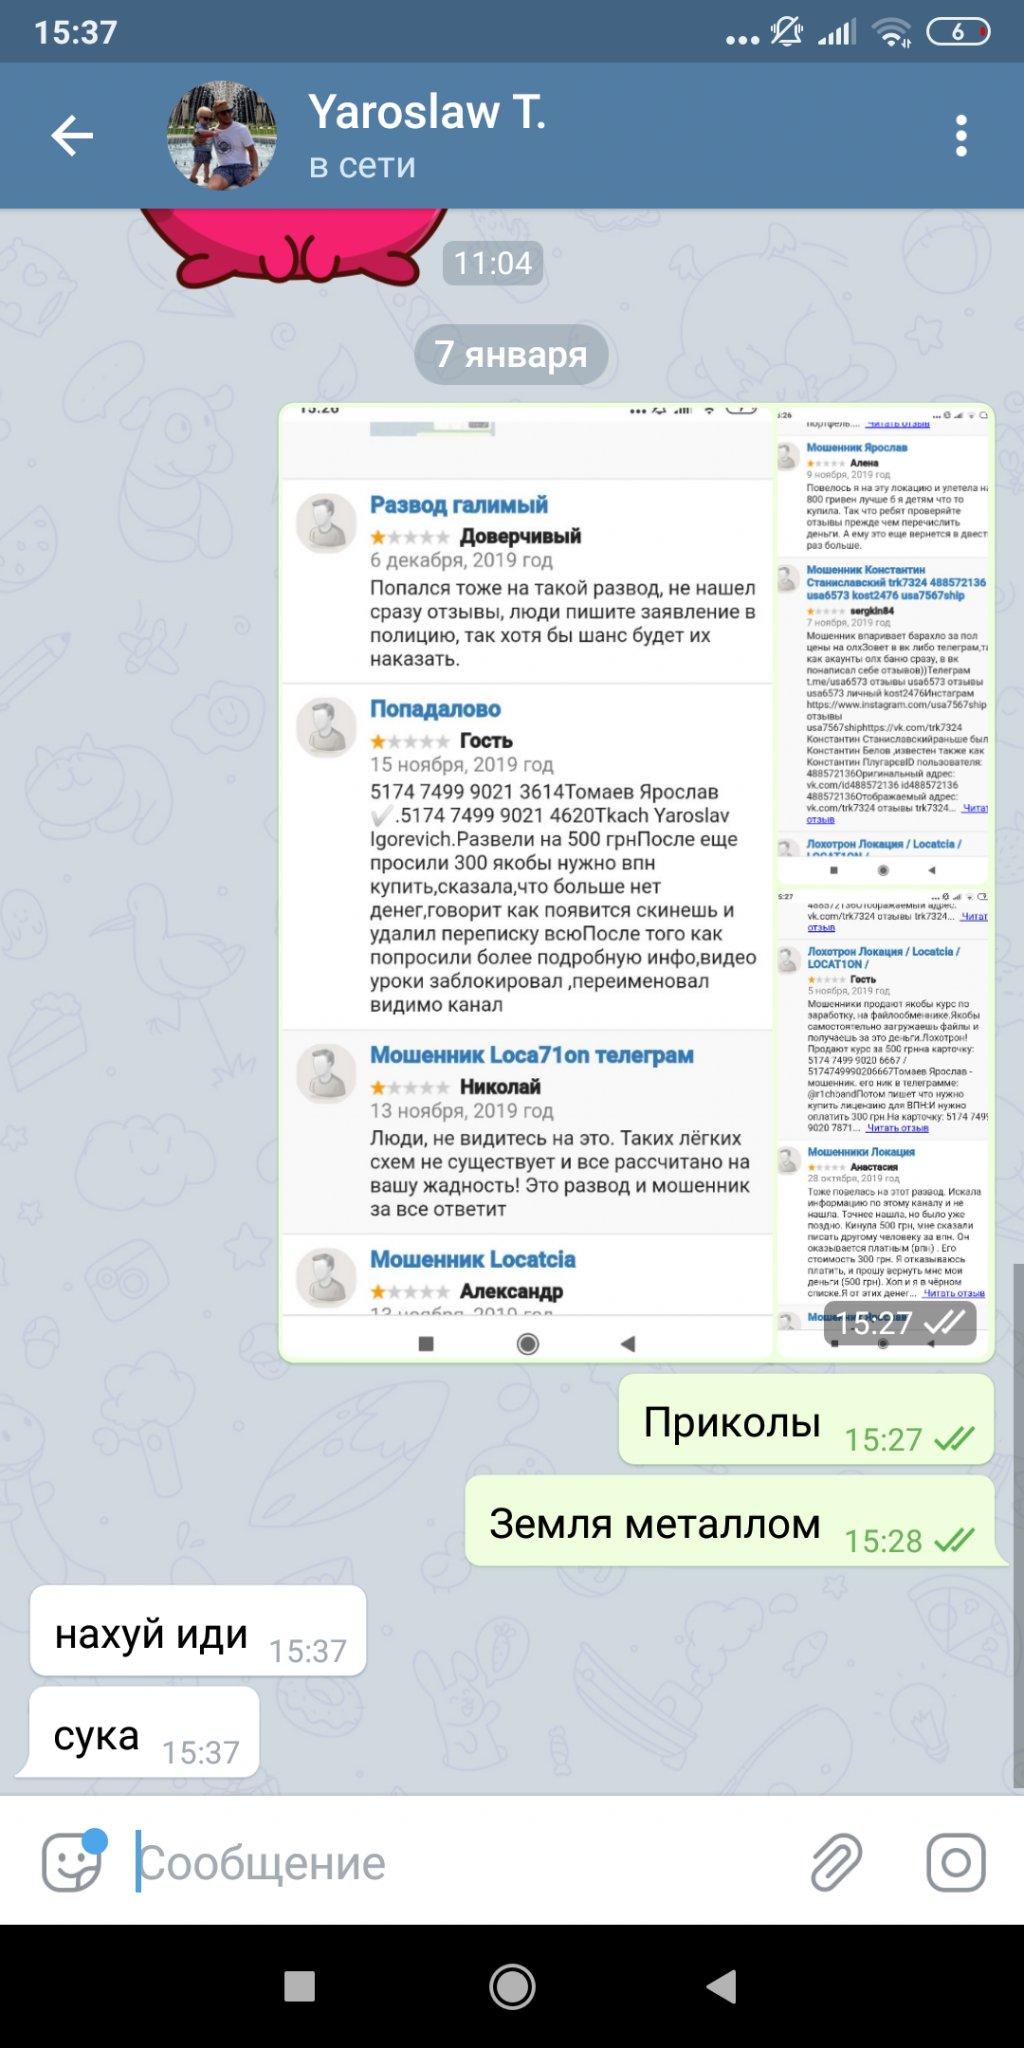 Телеграм канал Локация / Locatcia - Развод, благо я не попался